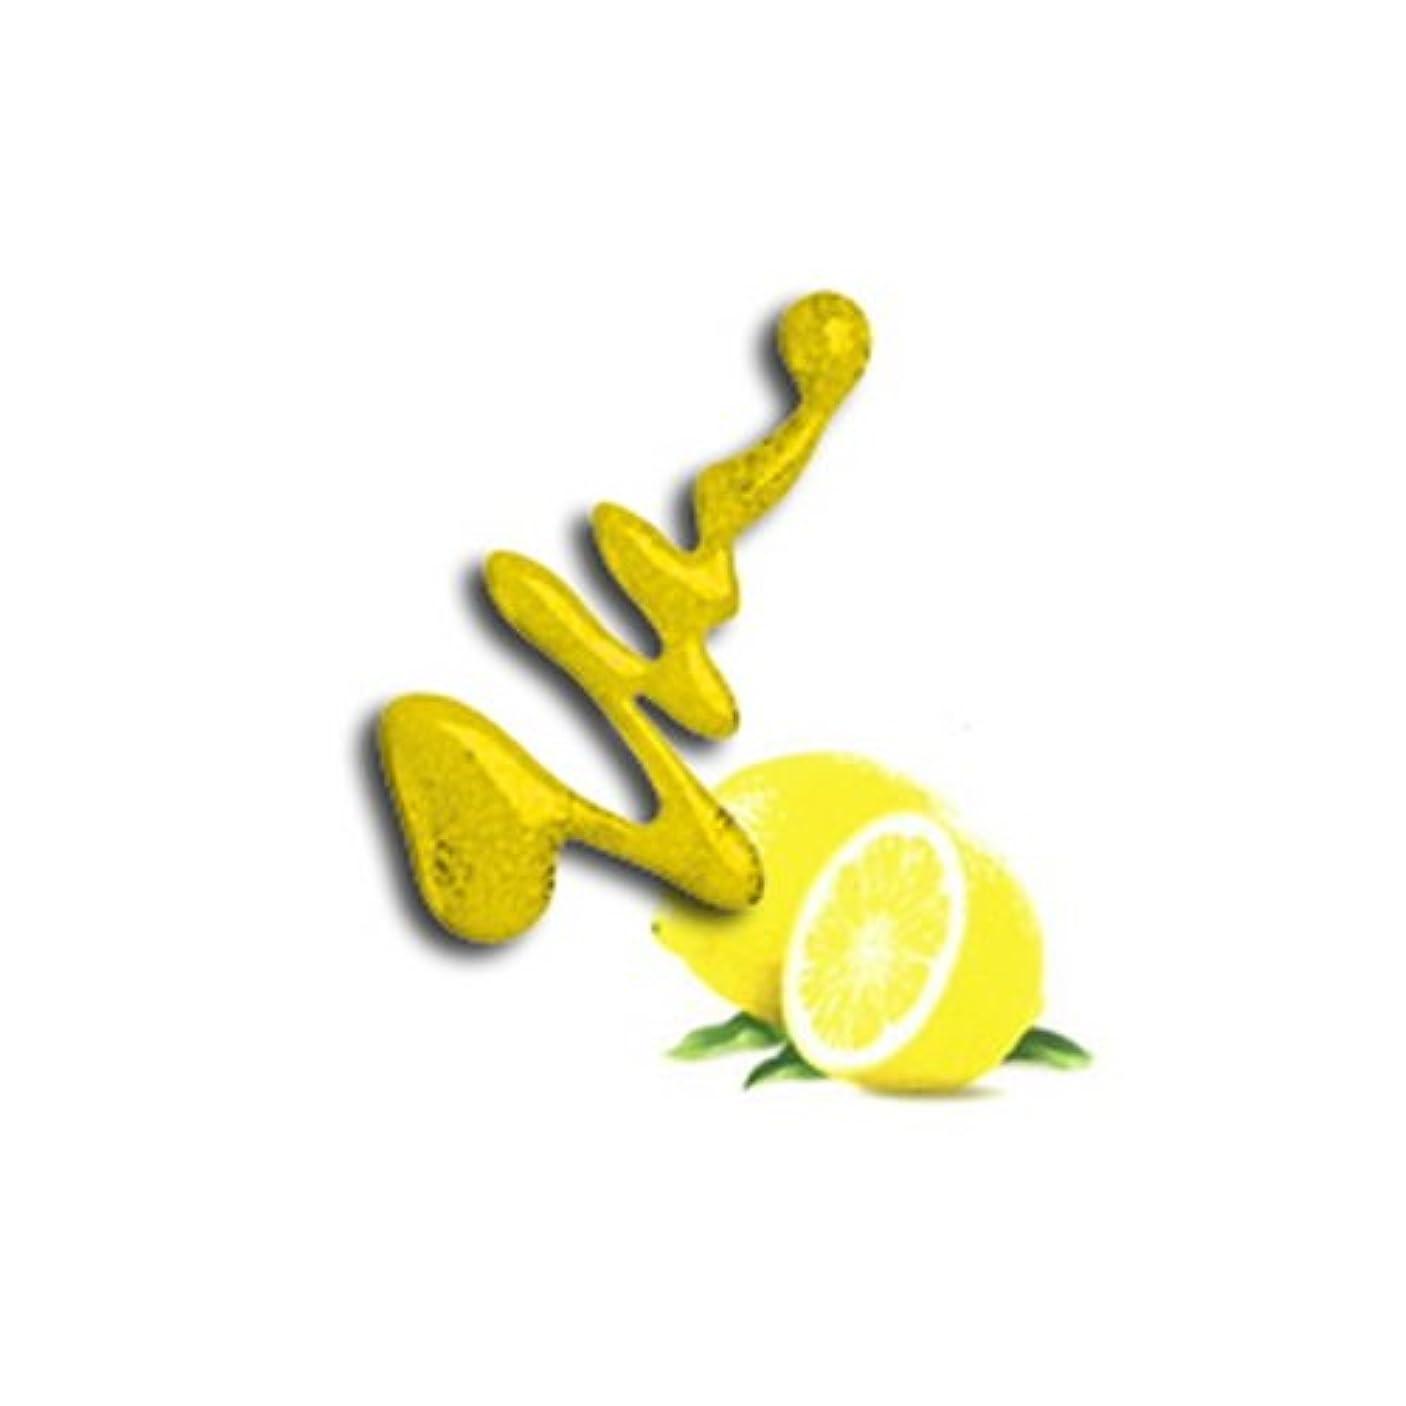 ささやき講義混乱させるLA GIRL Fruity Scented Nail Polish - Zesty Citrus (並行輸入品)